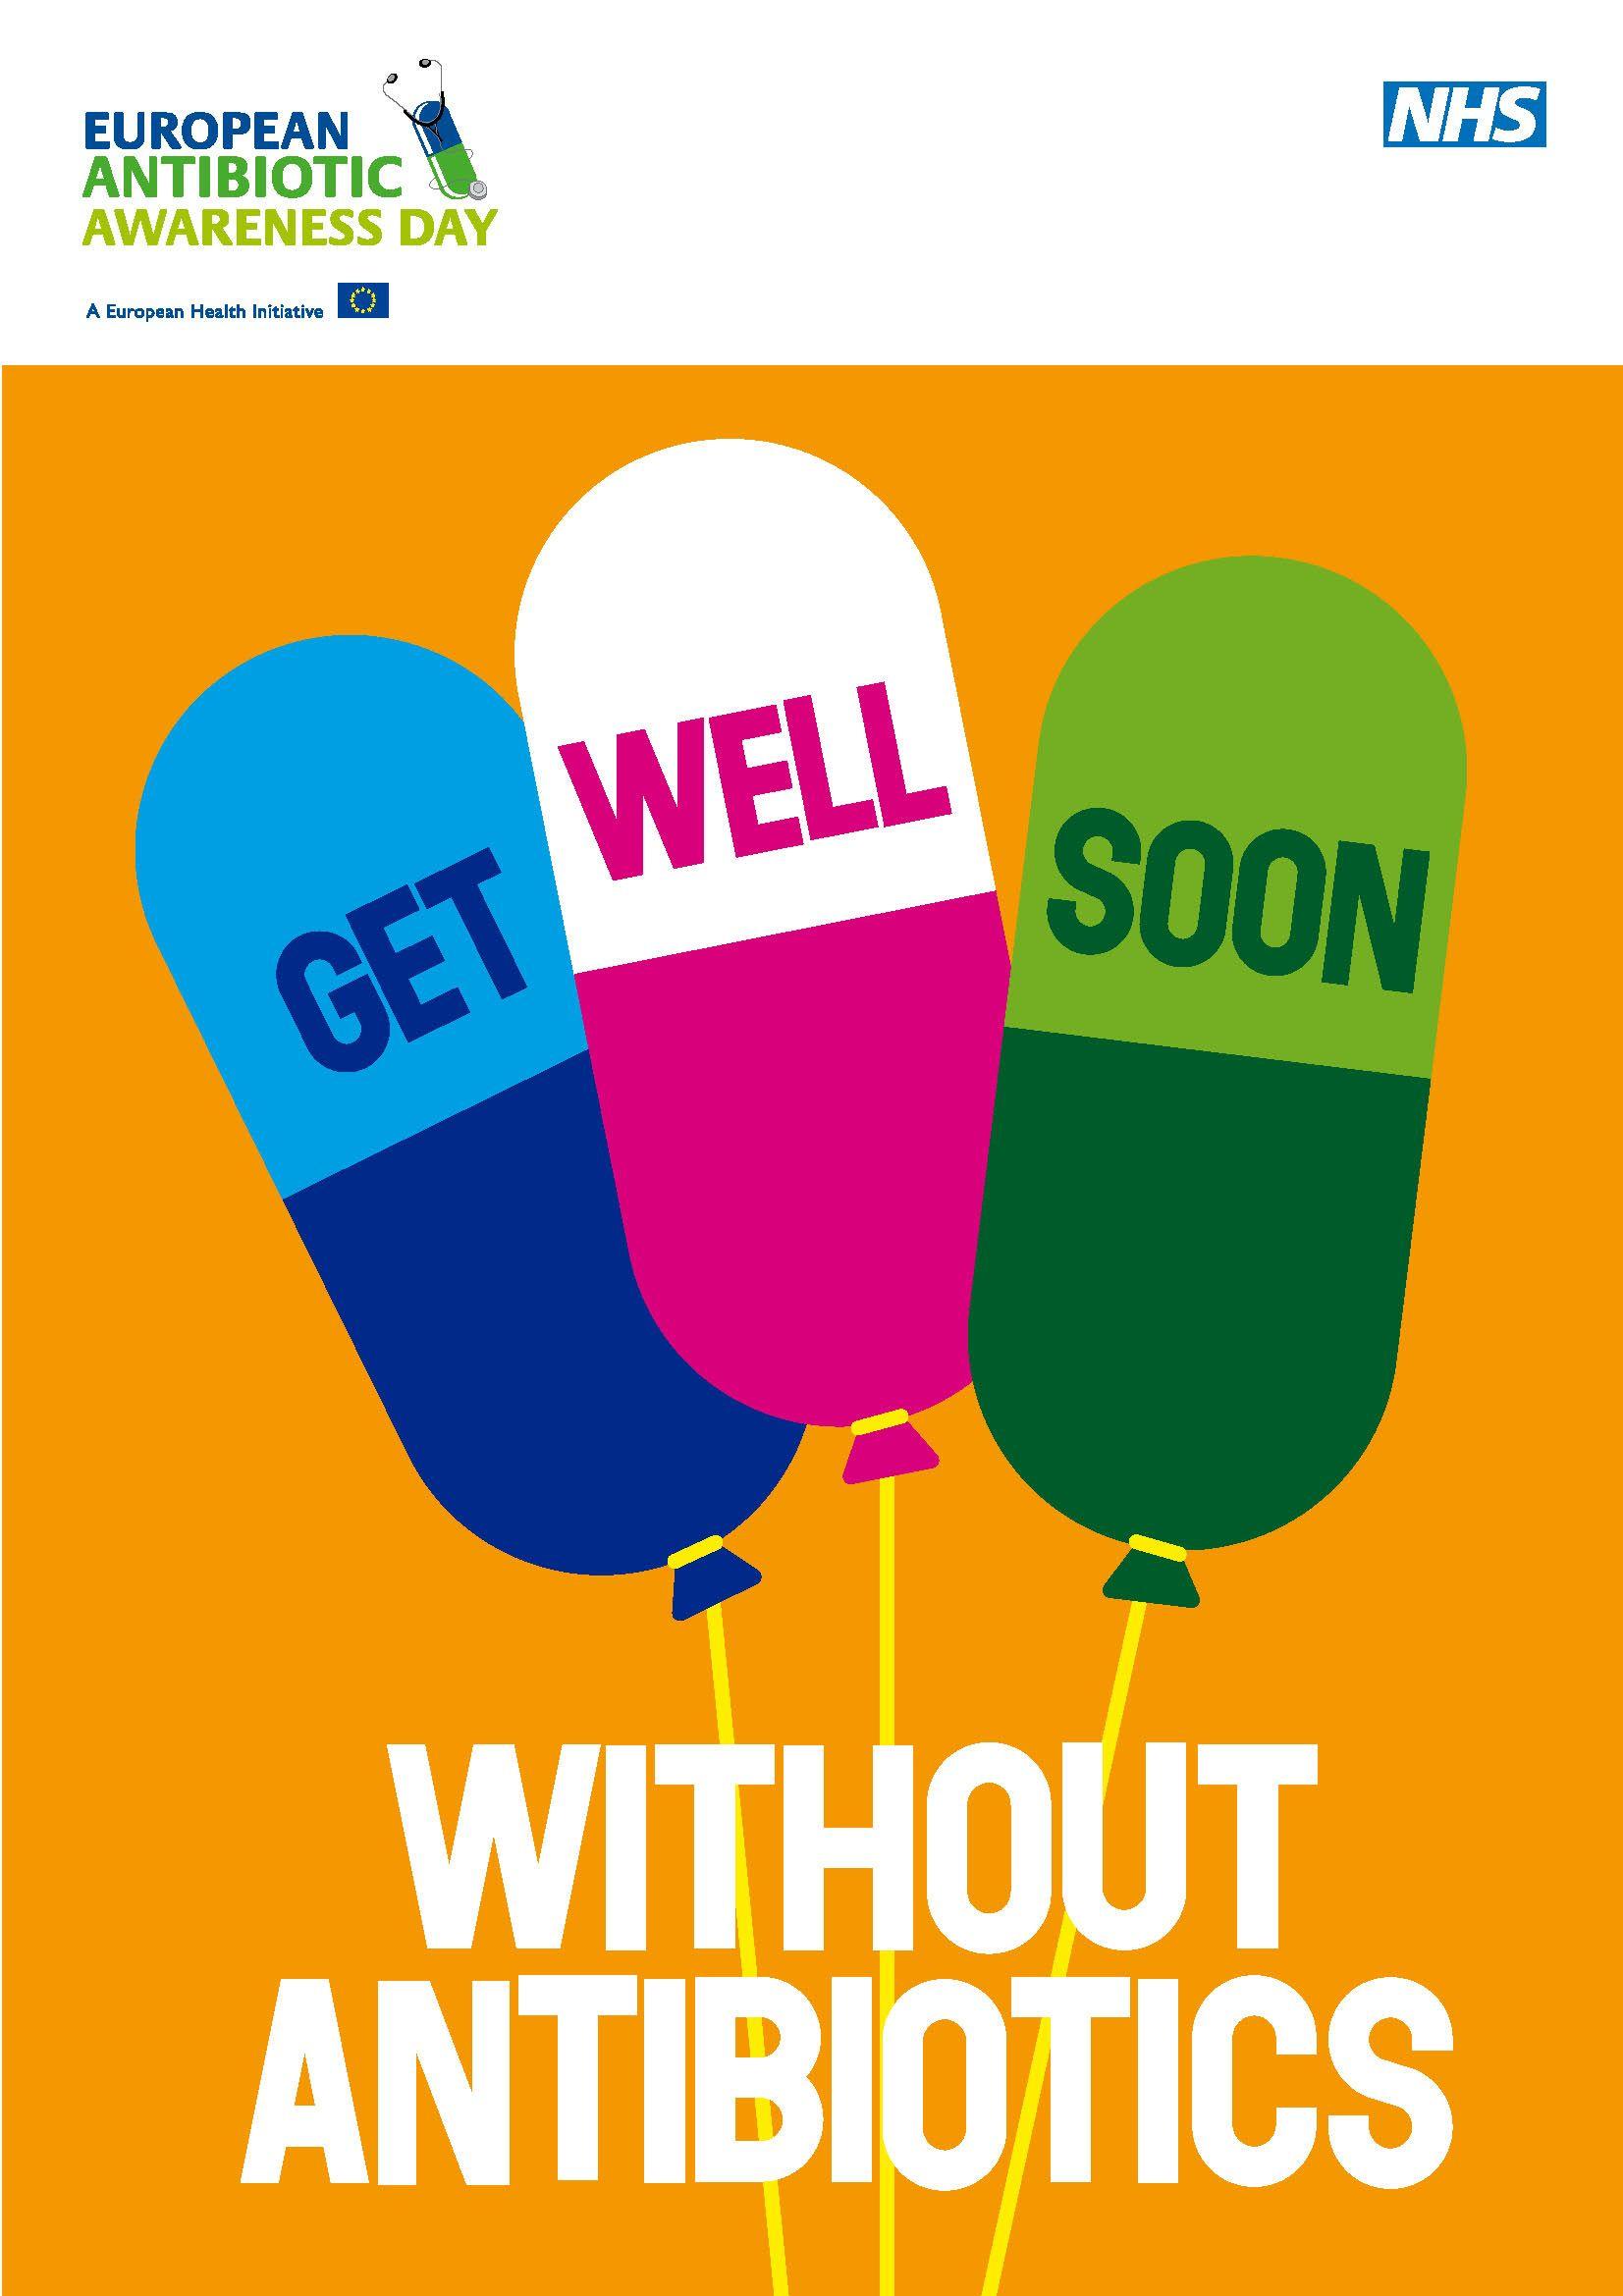 European Antibiotic Awareness Day poster